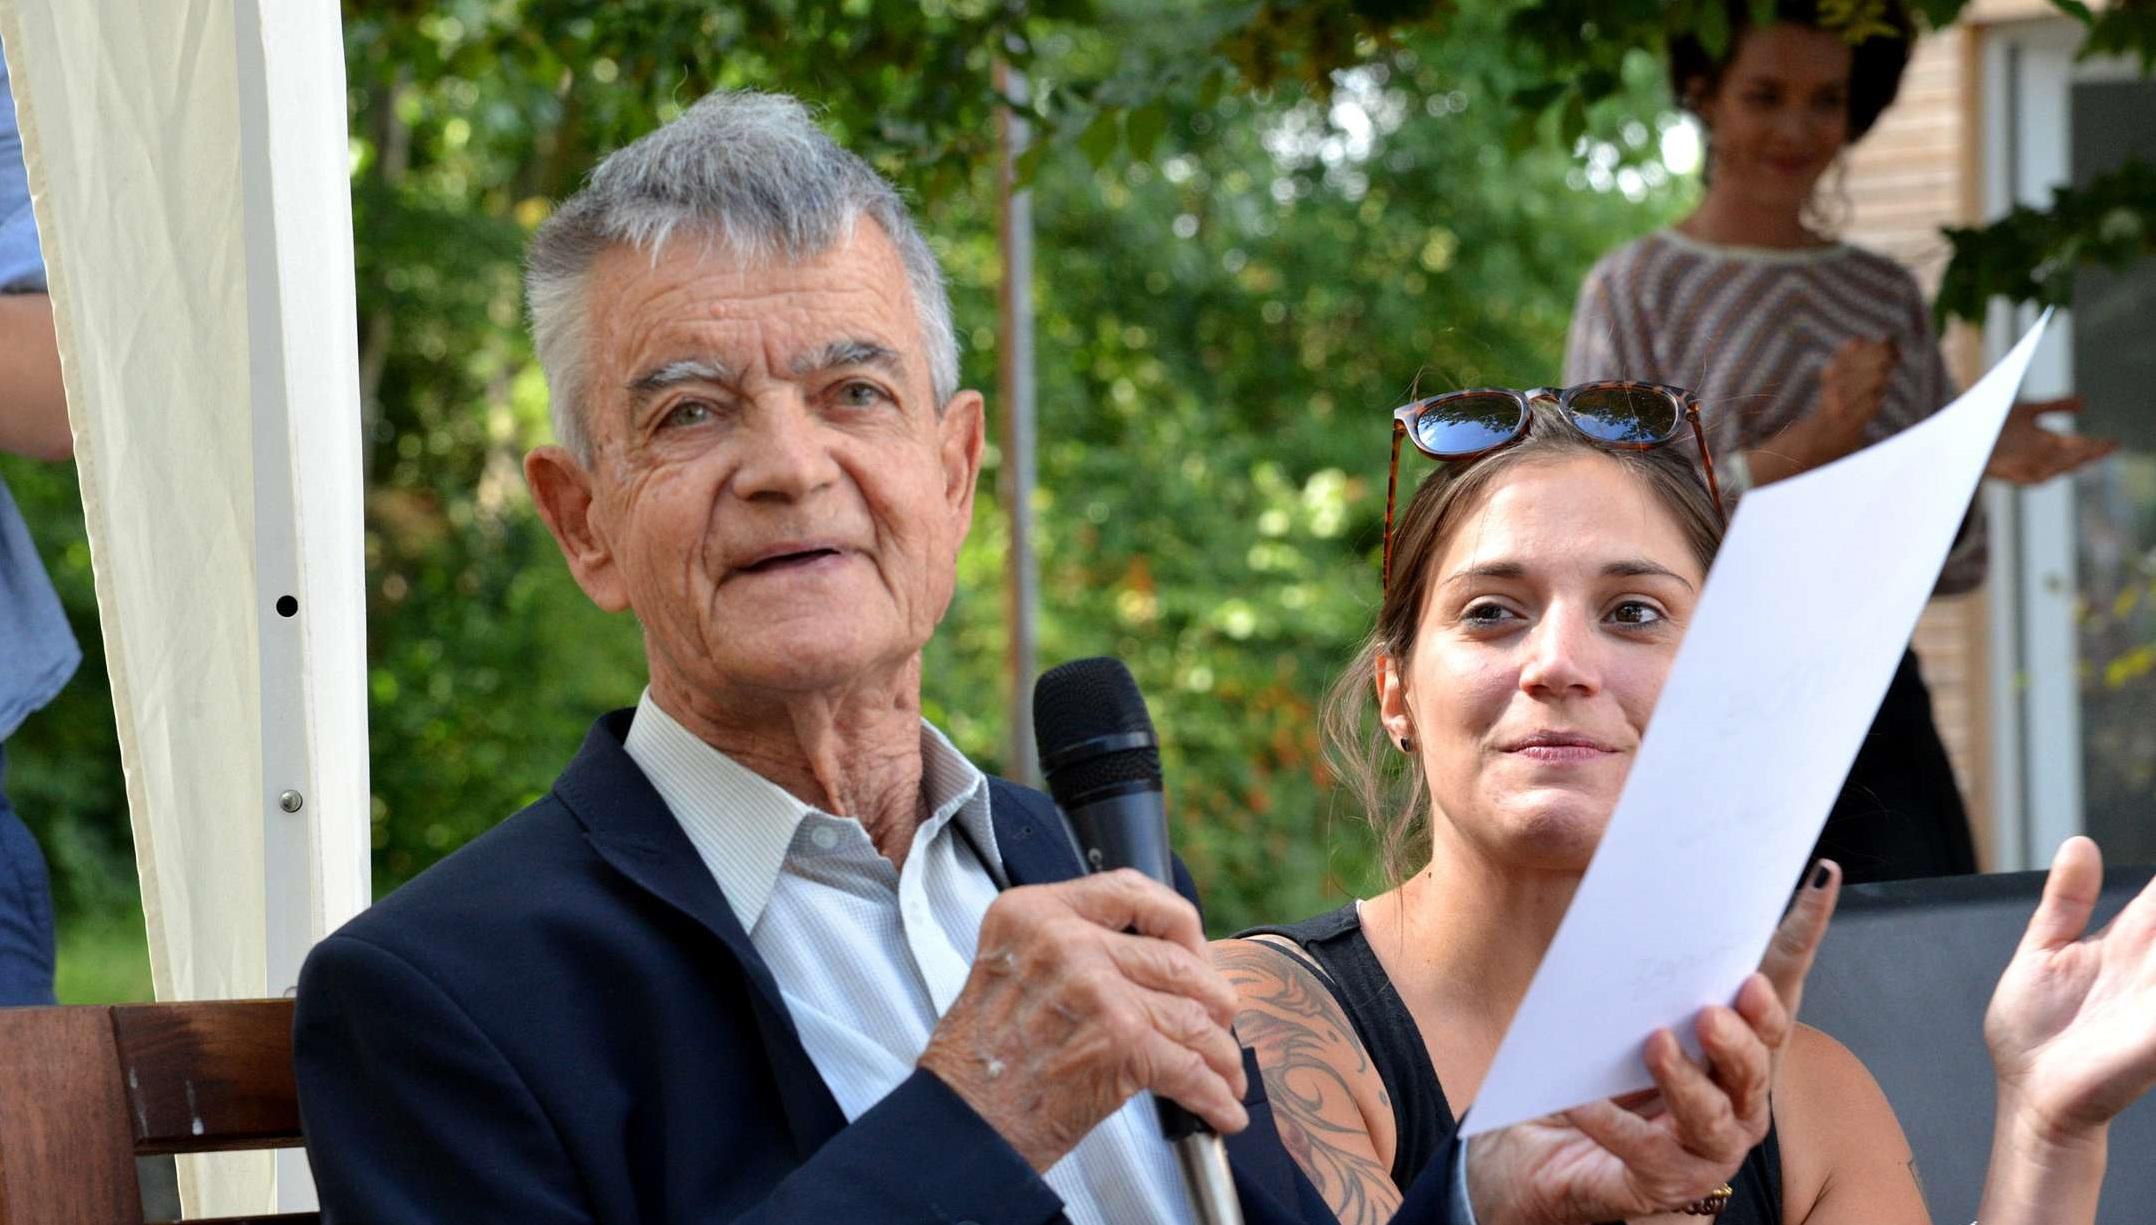 Pionier der Kinder- und Jugendpsychatrie und früher Unterstützer der Essener Chancen: Rot-Weiss Essen trauert um Prof. Dr. Christian Eggers. (Archivfoto:Capitain/EC)